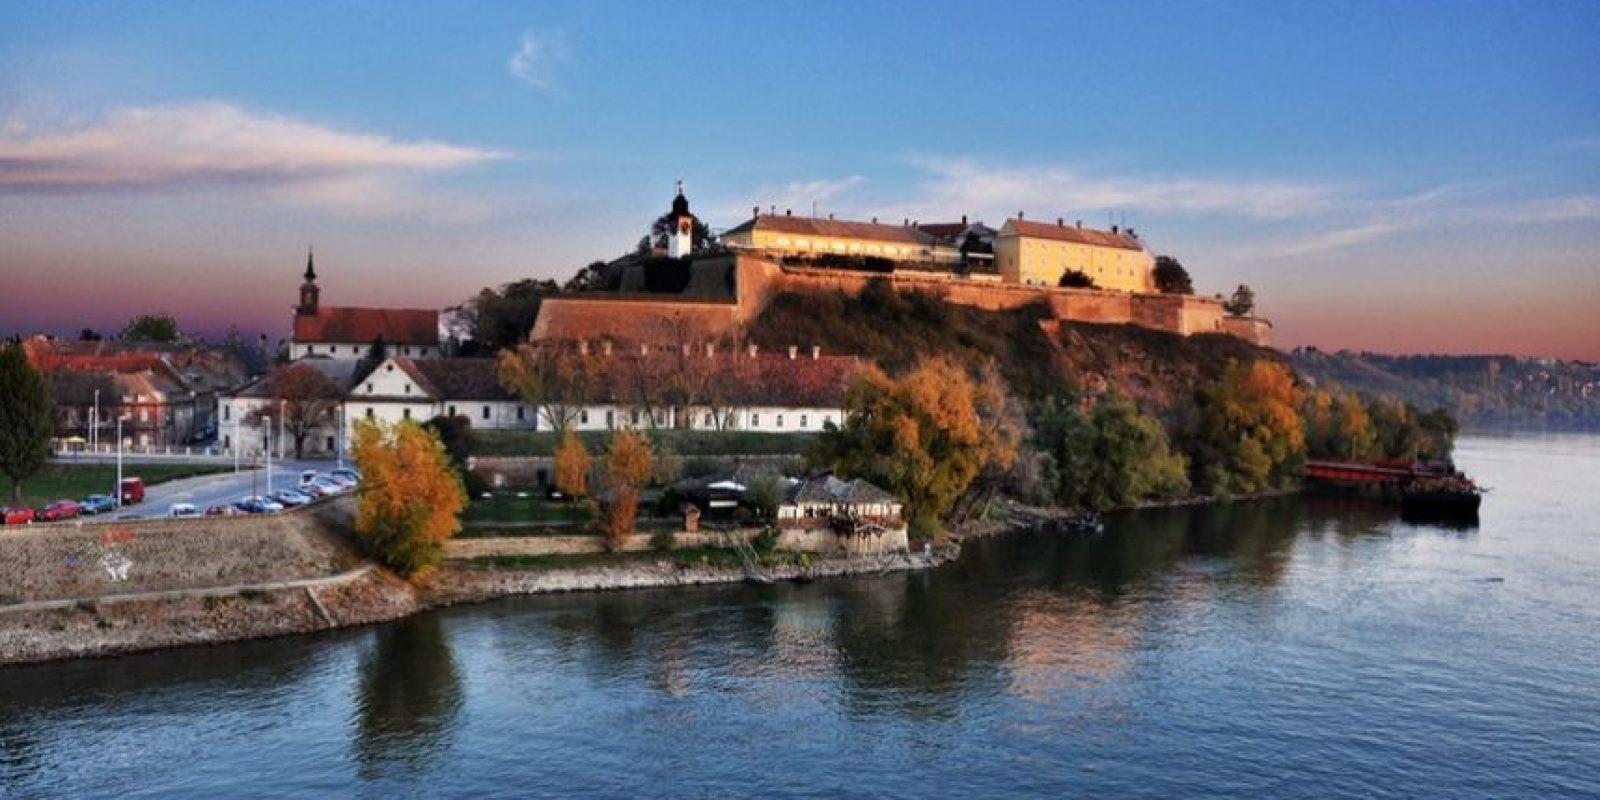 """Situado sobre una colina, en la orilla derecha del río Danubio, Petrovaradin Fortaleza es un sitio ideal para festivales musicales. En él se raliza el mejor festival europeo musical el """"Festival EXIT"""". Foto:Wikimedia"""